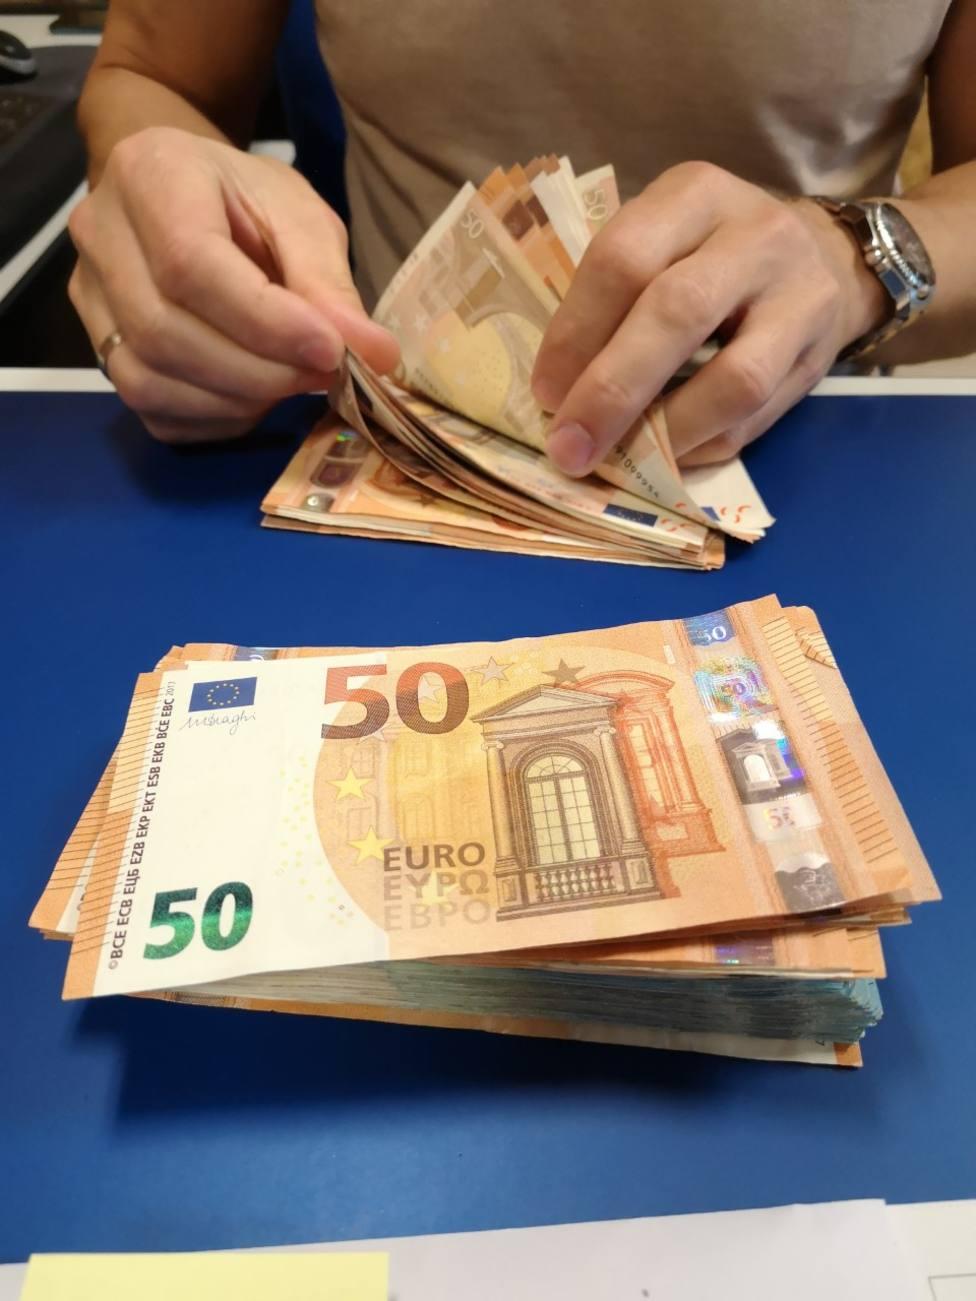 El afortunado ganador cobrará más de 4.000 euros